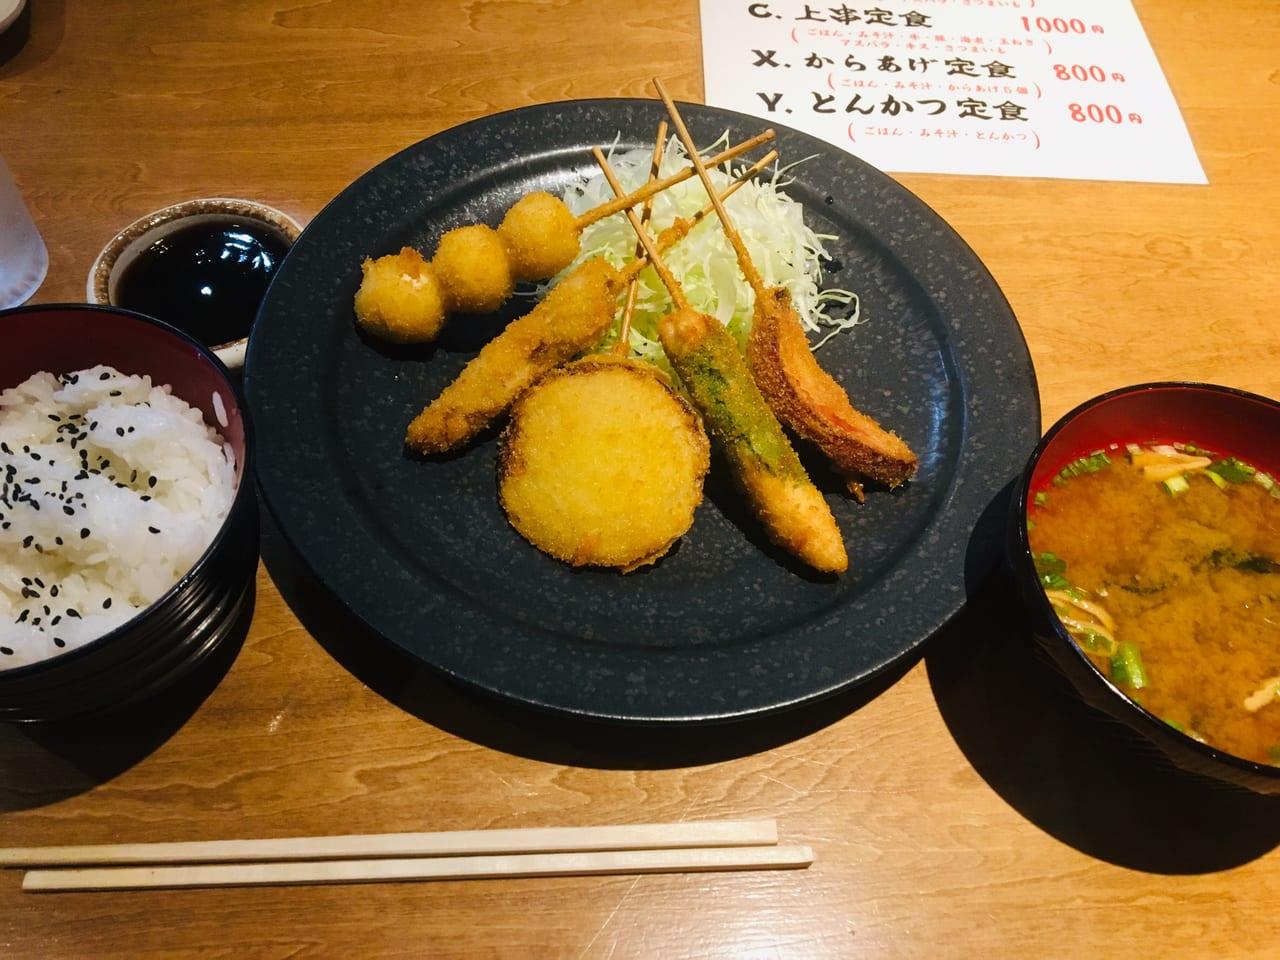 monkatsu teishoku